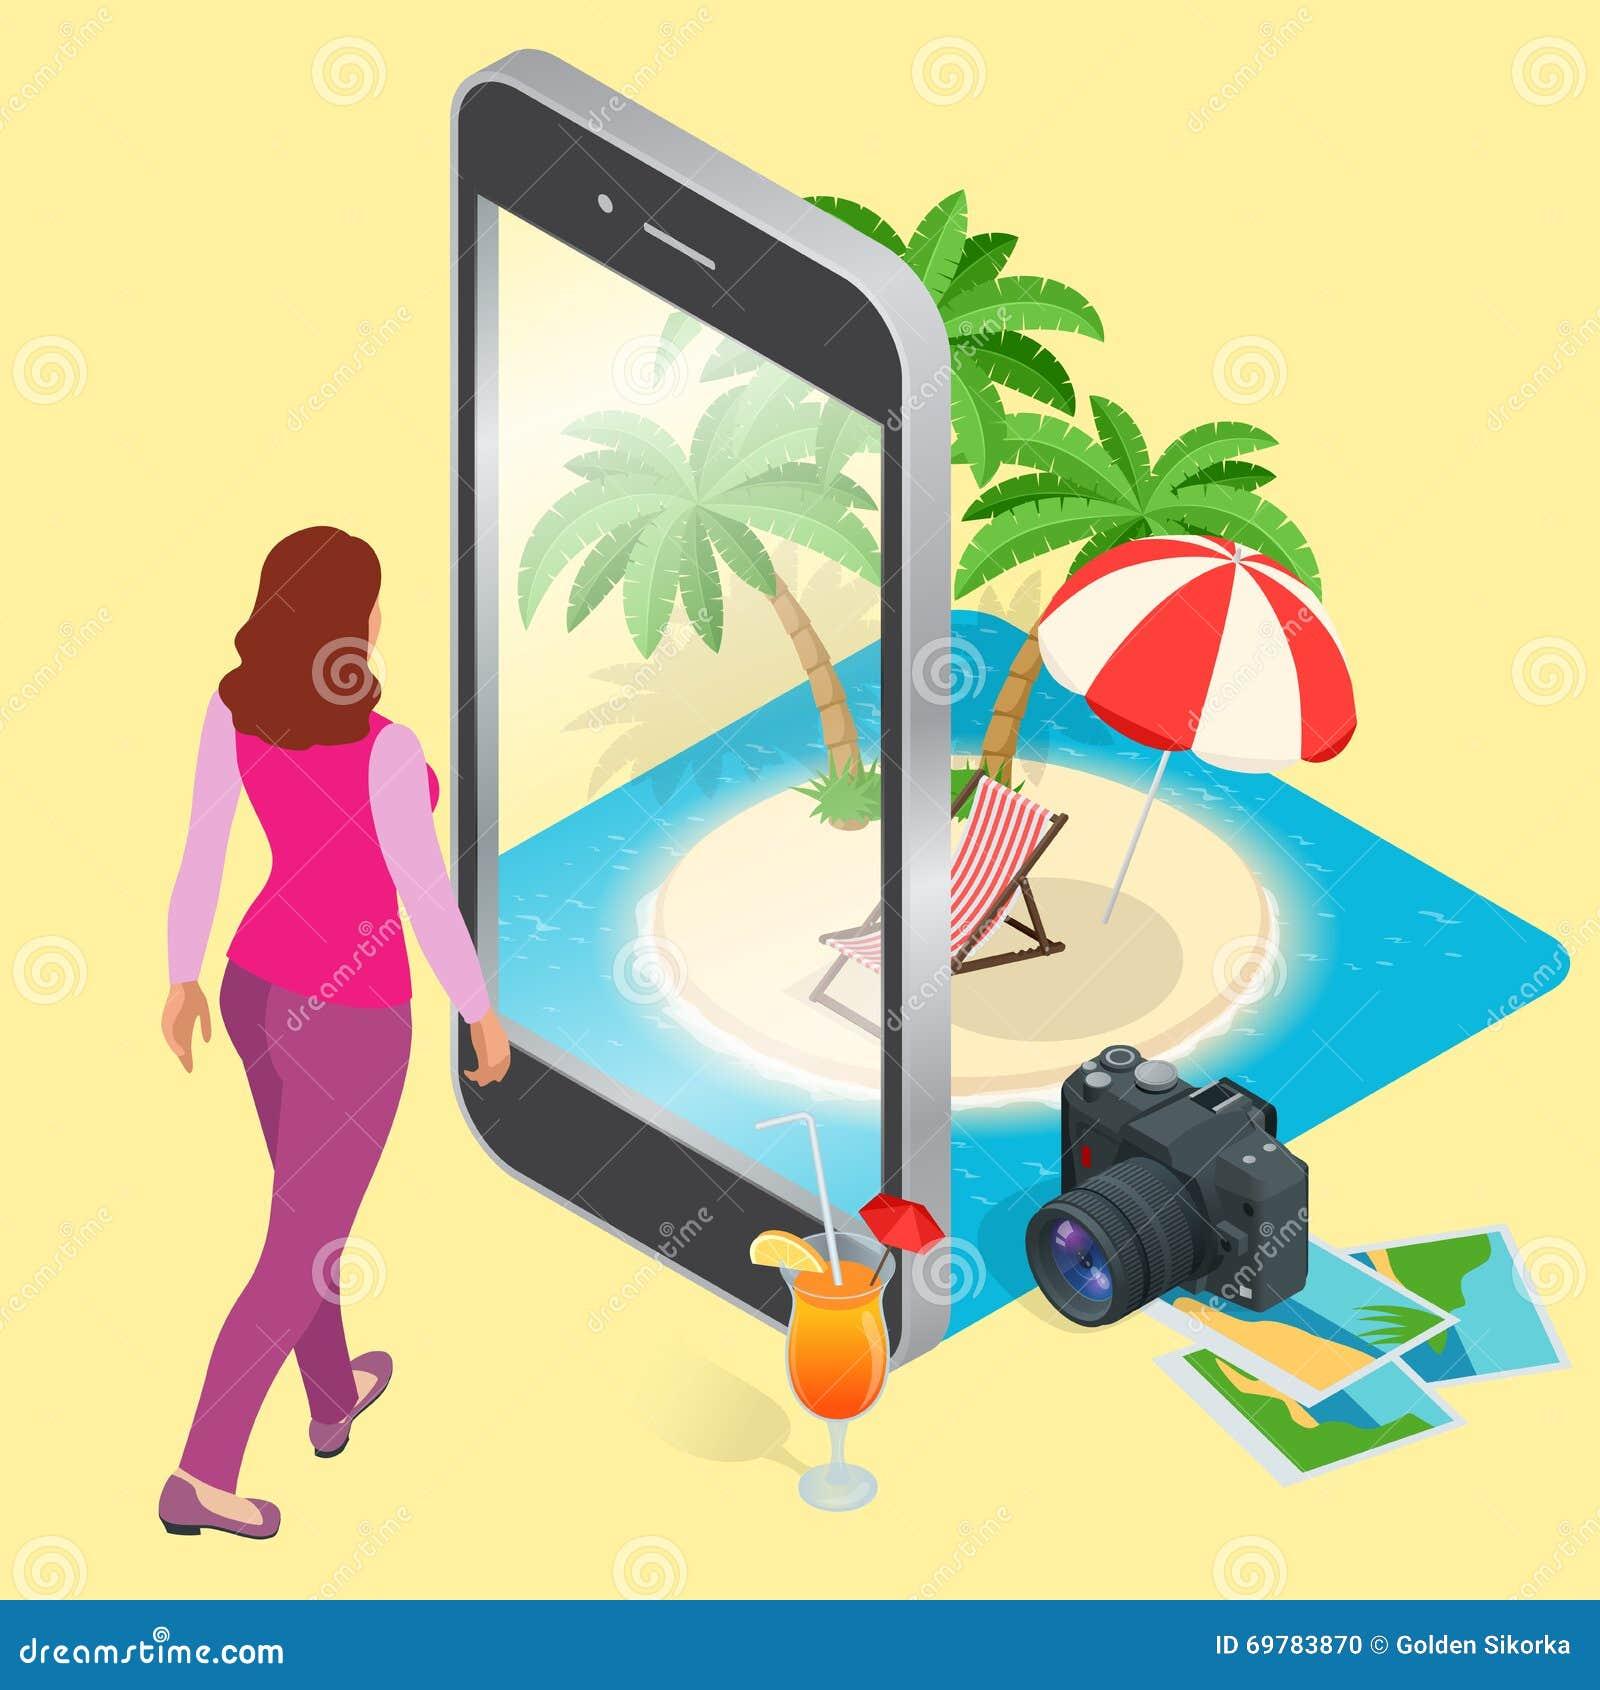 Concepto moderno del vector de viajar, reservando en línea, planeando vacaciones de verano Reservación de hotel turístico de los